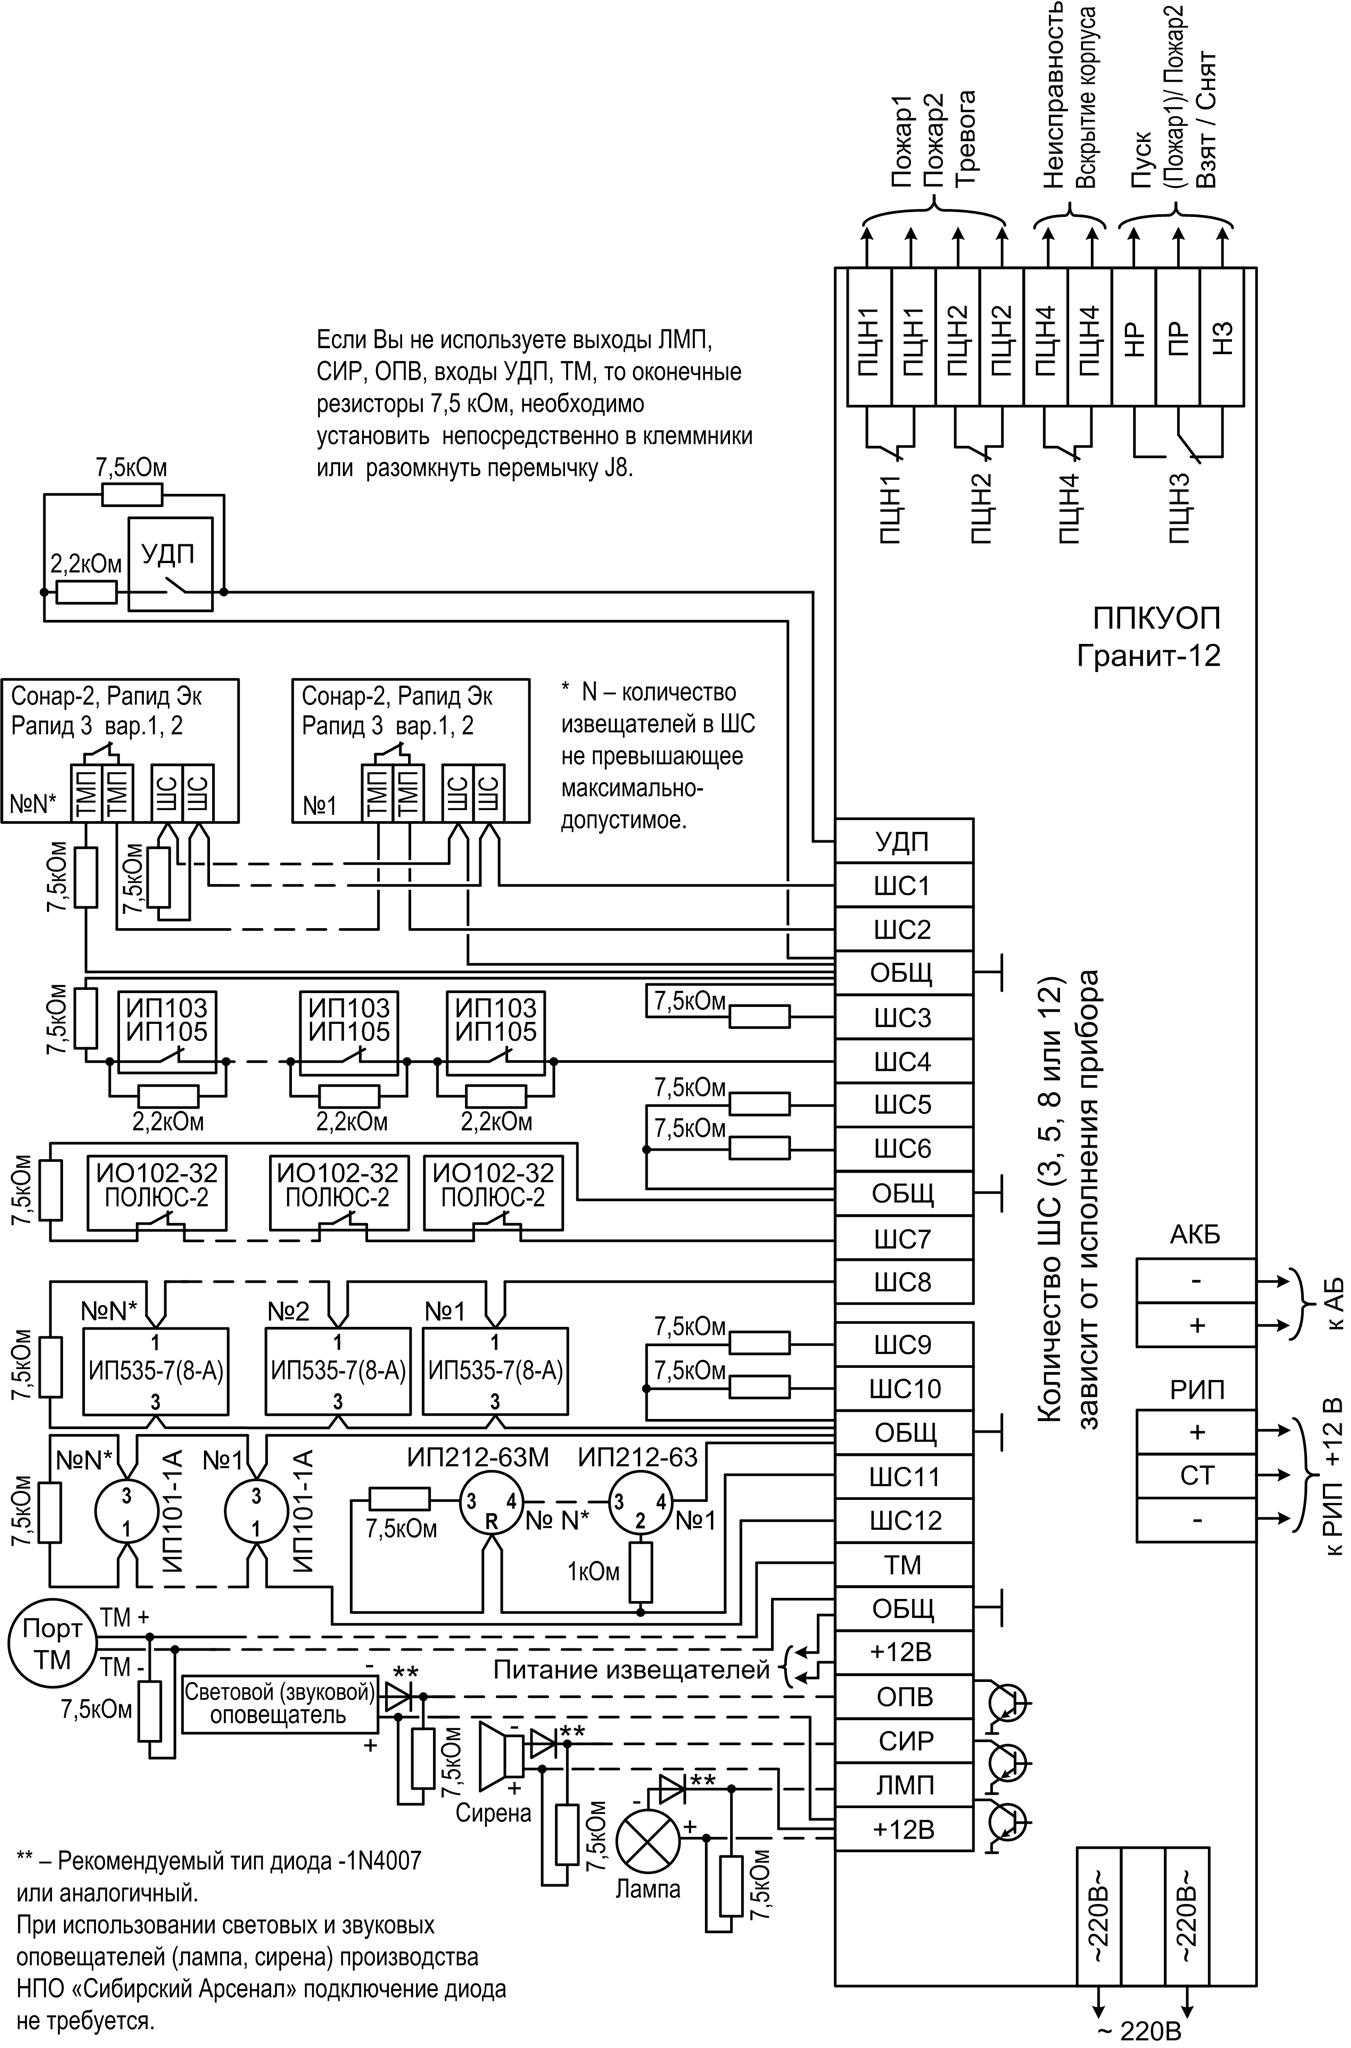 схема пожарной сигнализации упс тпс